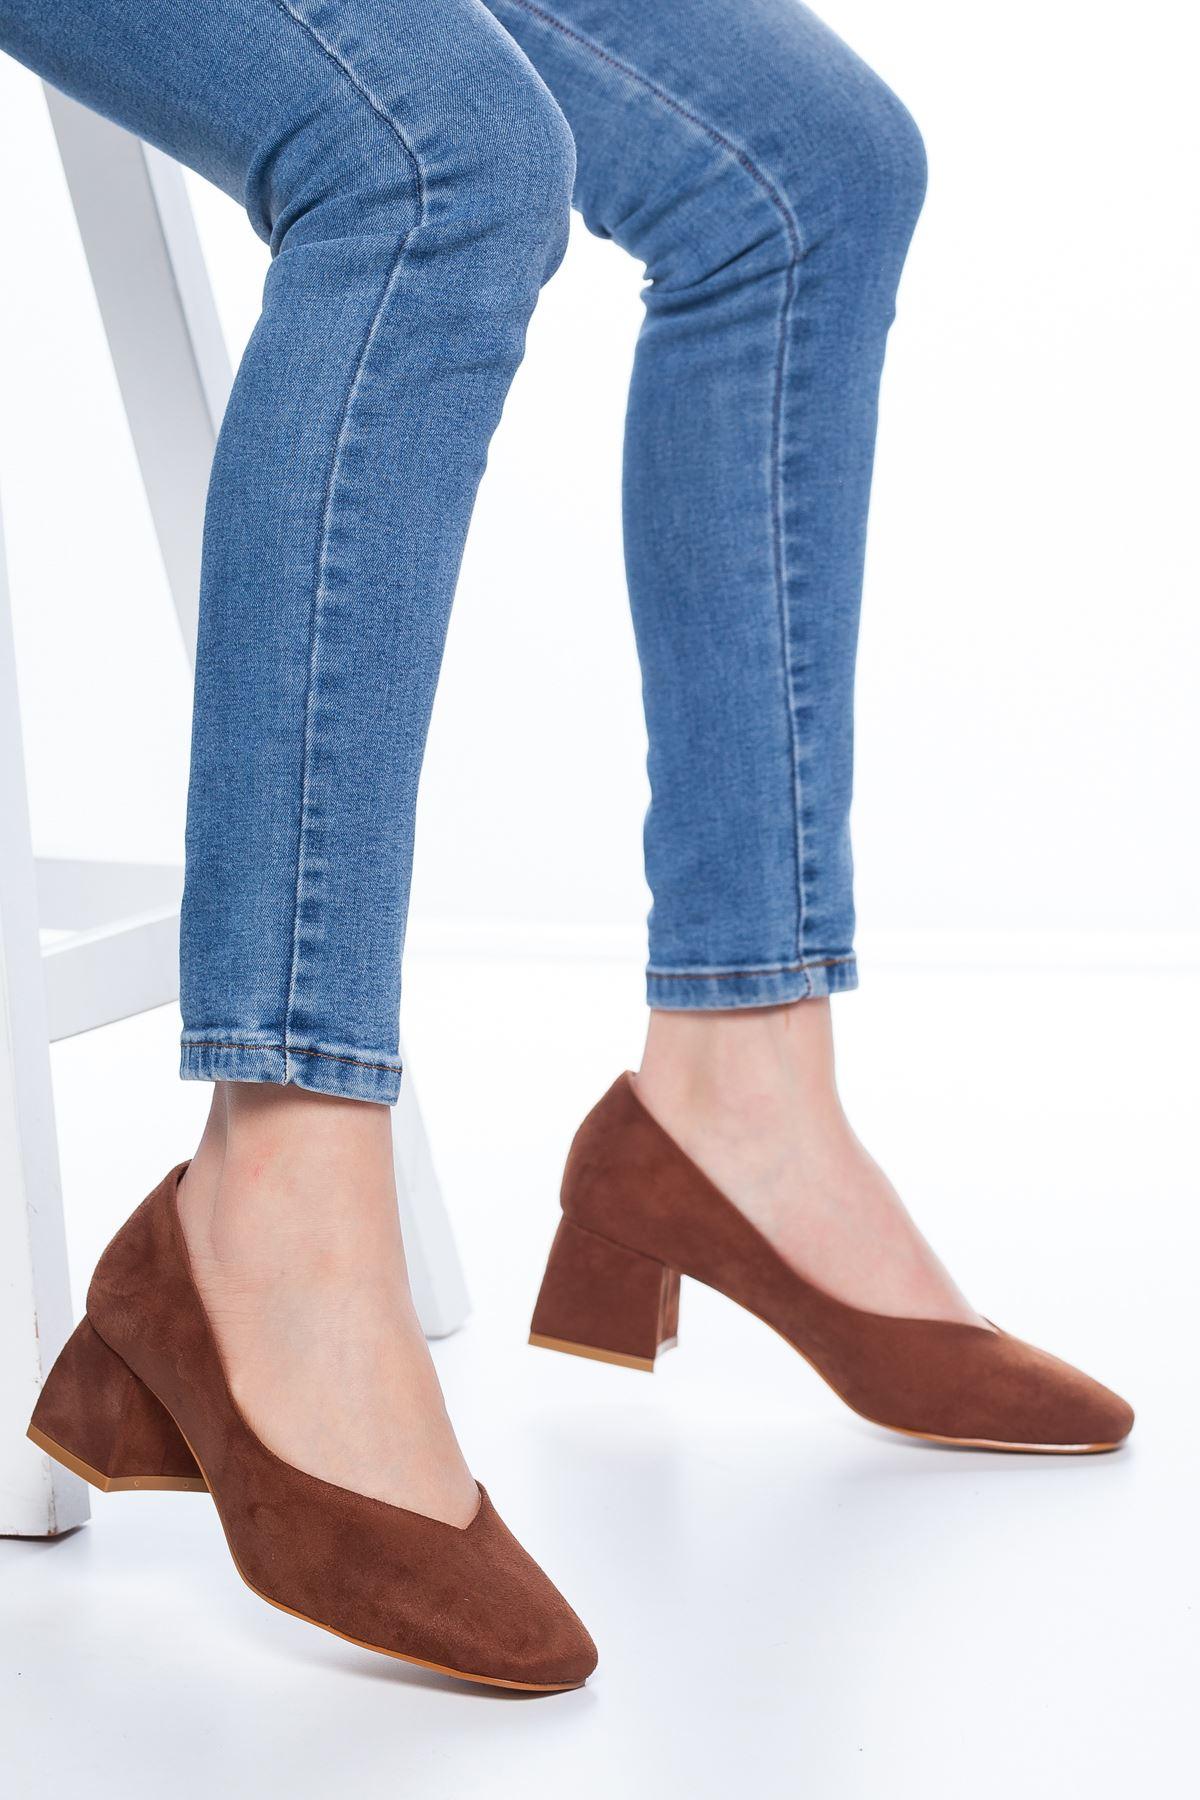 Adela Küt Burun Topuklu Süet Ayakkabı Taba